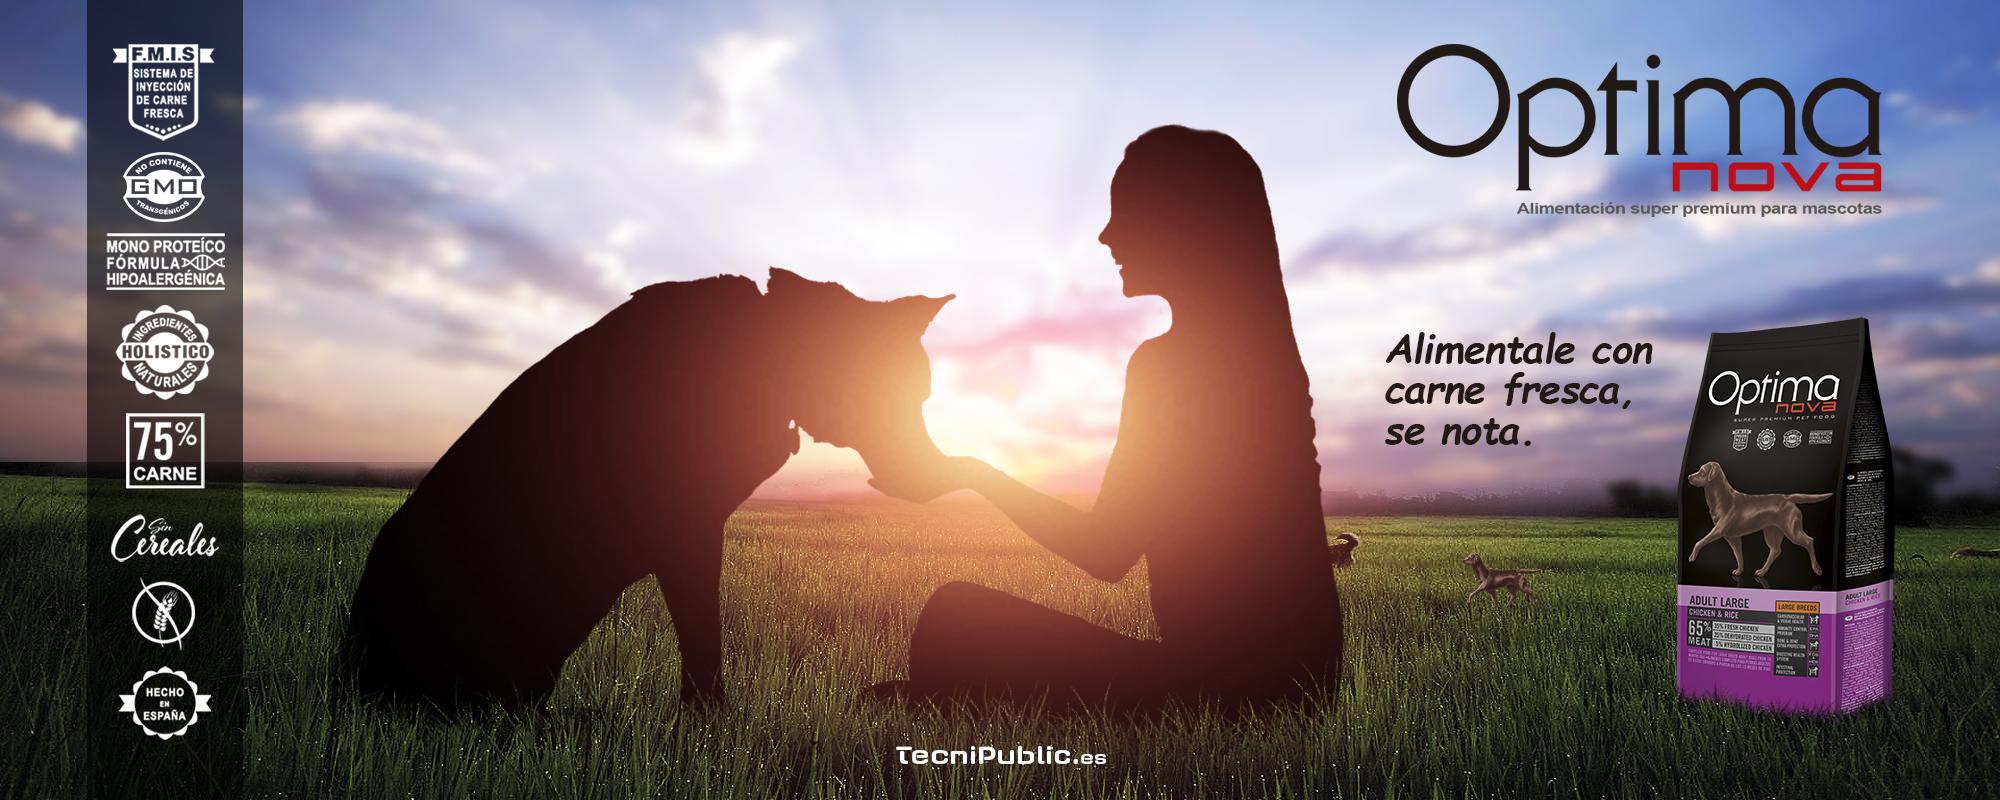 Visán - Optimanova alimento con carne fresca para perros y gatos